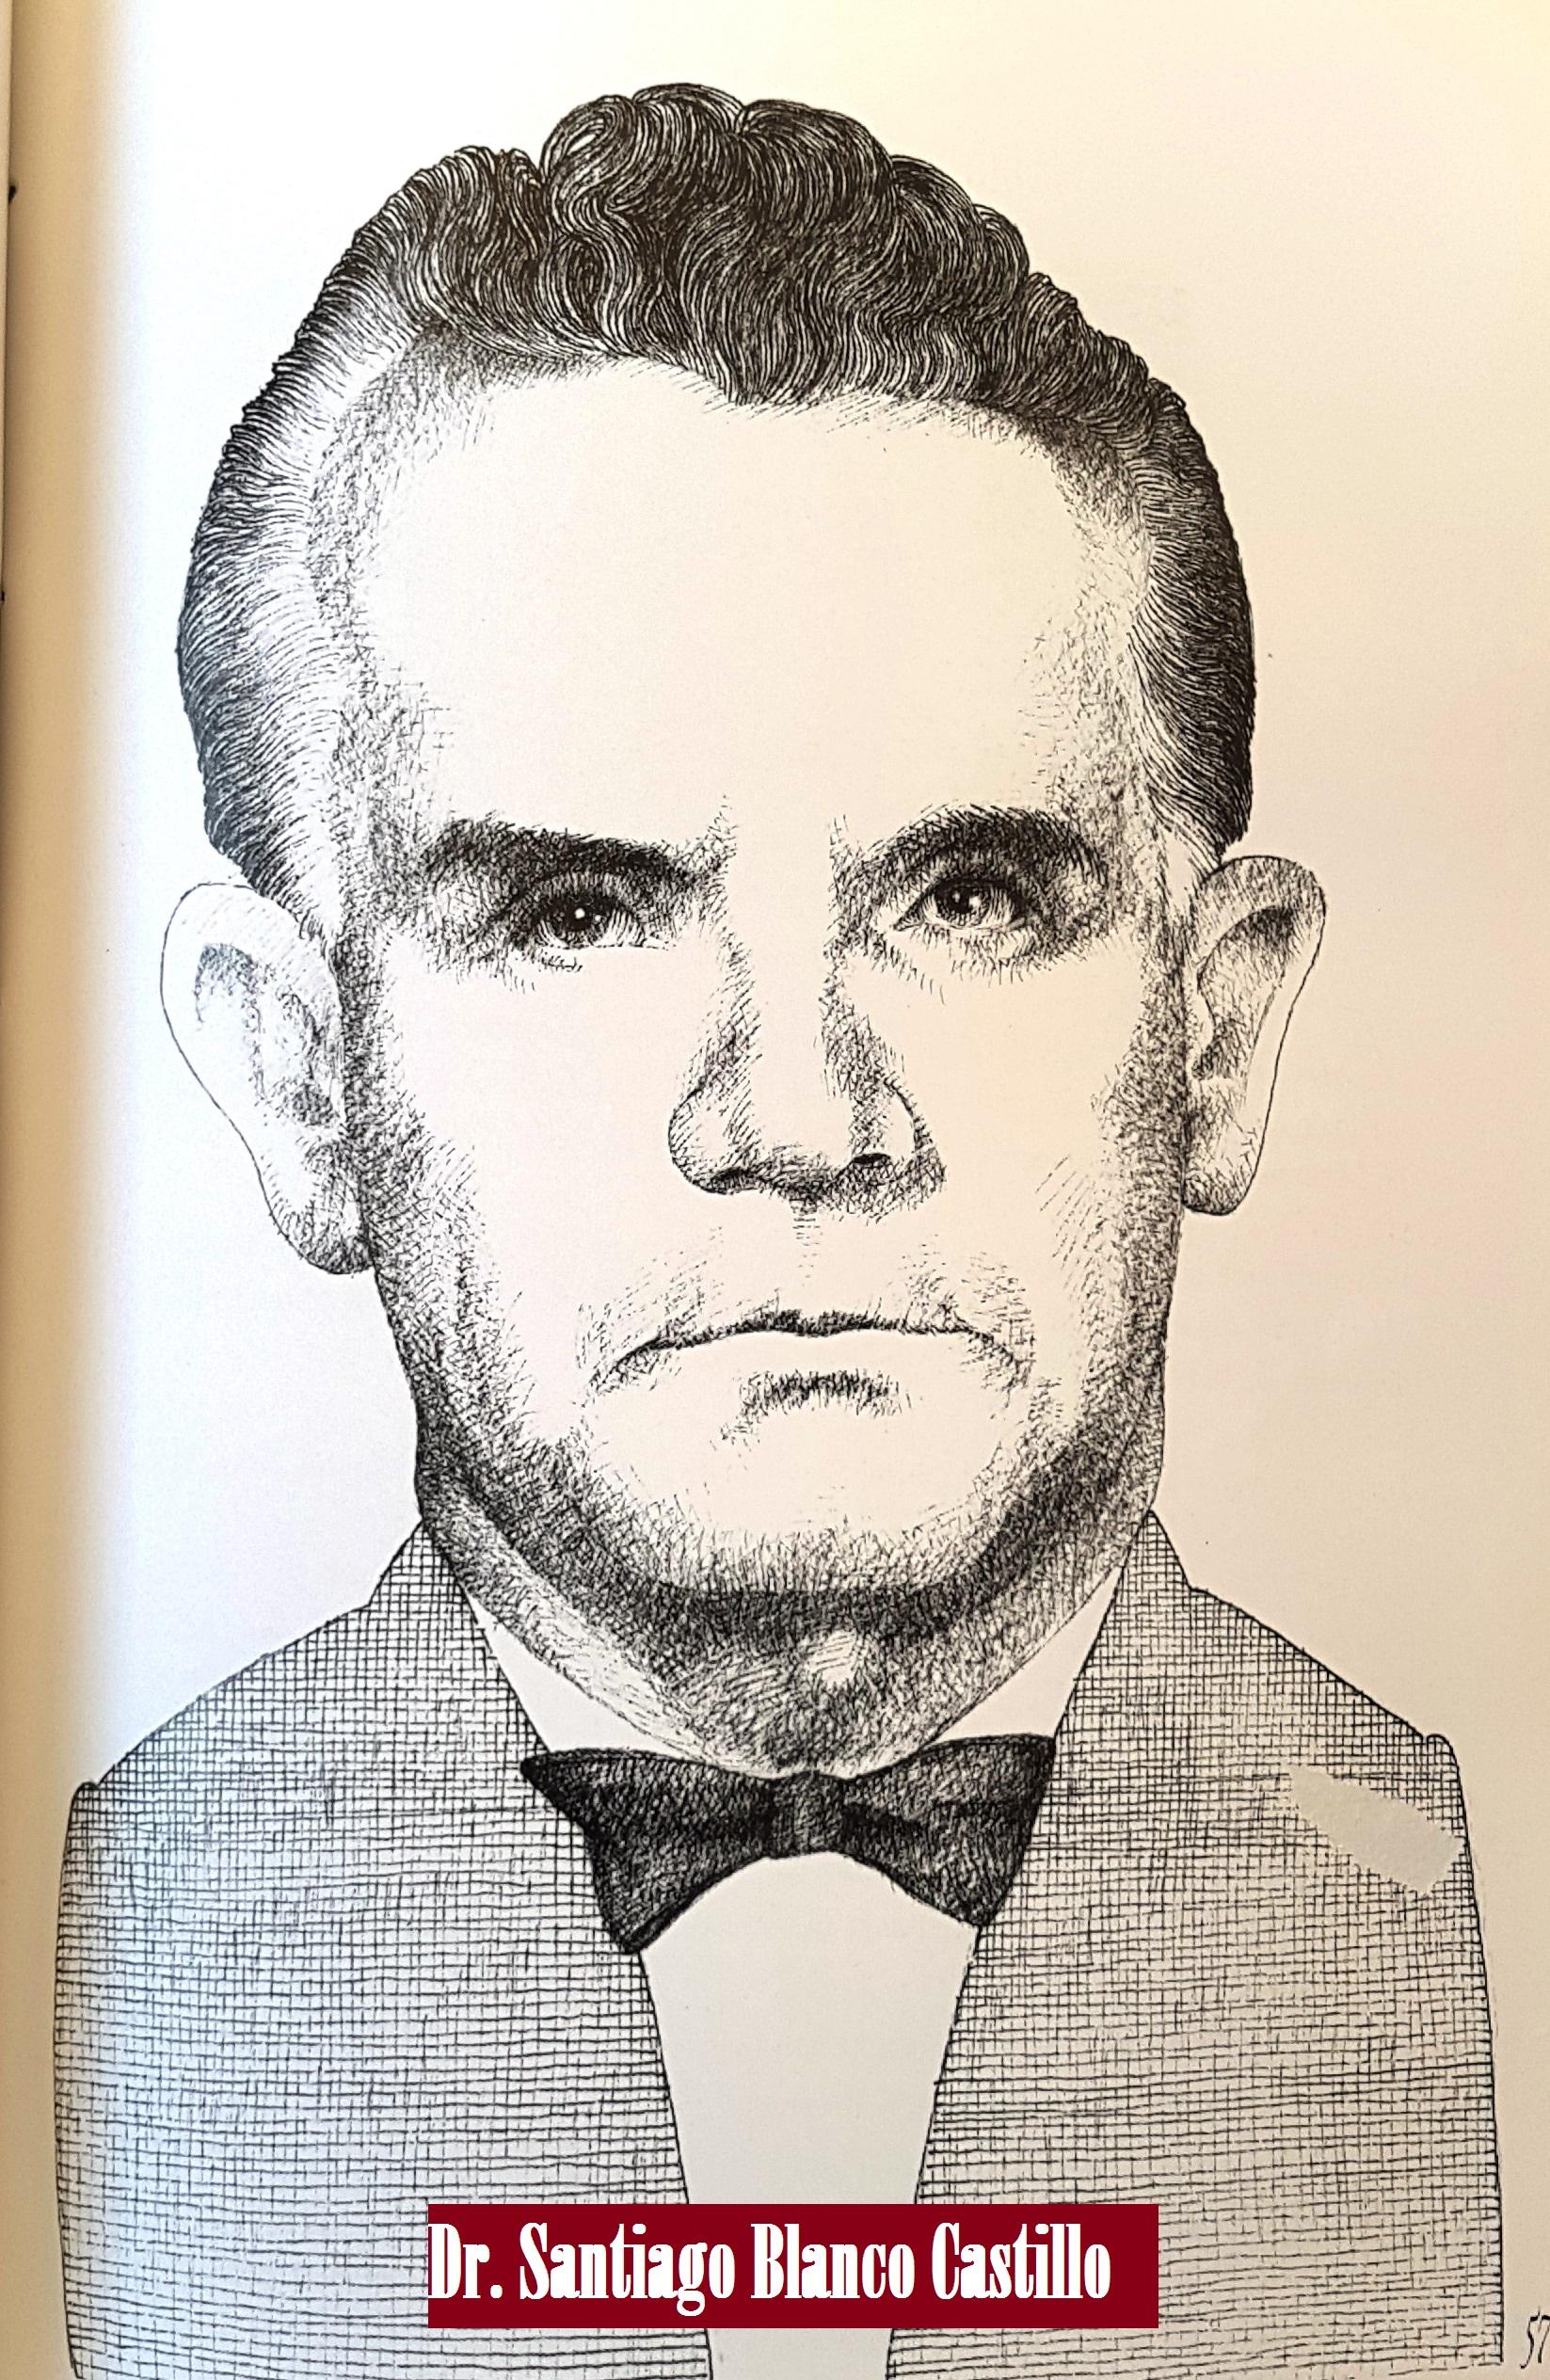 DR. SANTIAGO BLANCO CASTILLO